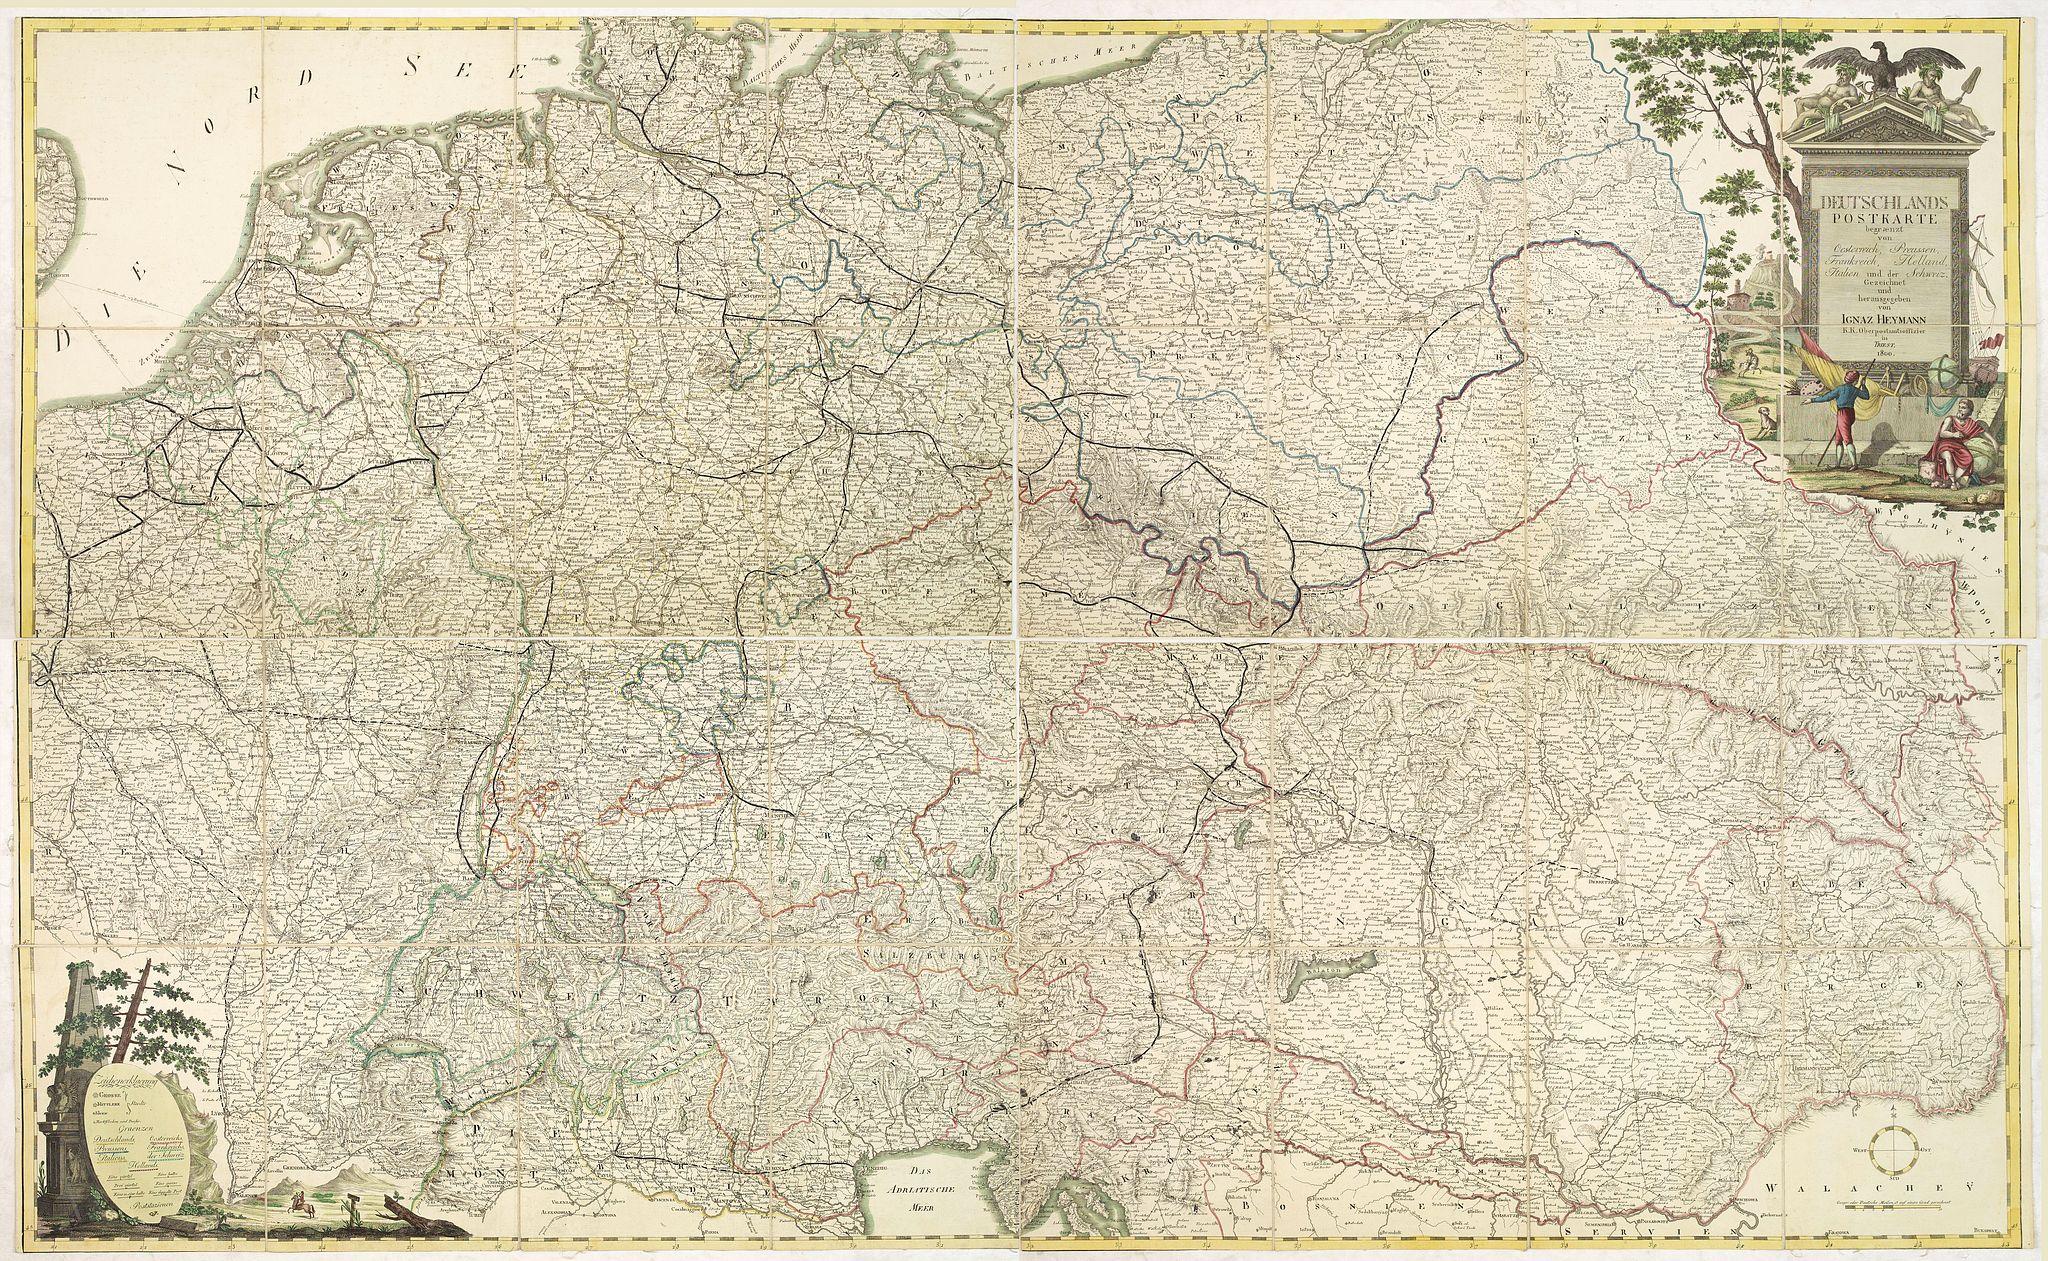 HEYMANN, I. -  Deutschlands Postkarte begraenzt von Oesterreich, Preussen, Frankreich, Holland, Italien und der Schweiz. . .